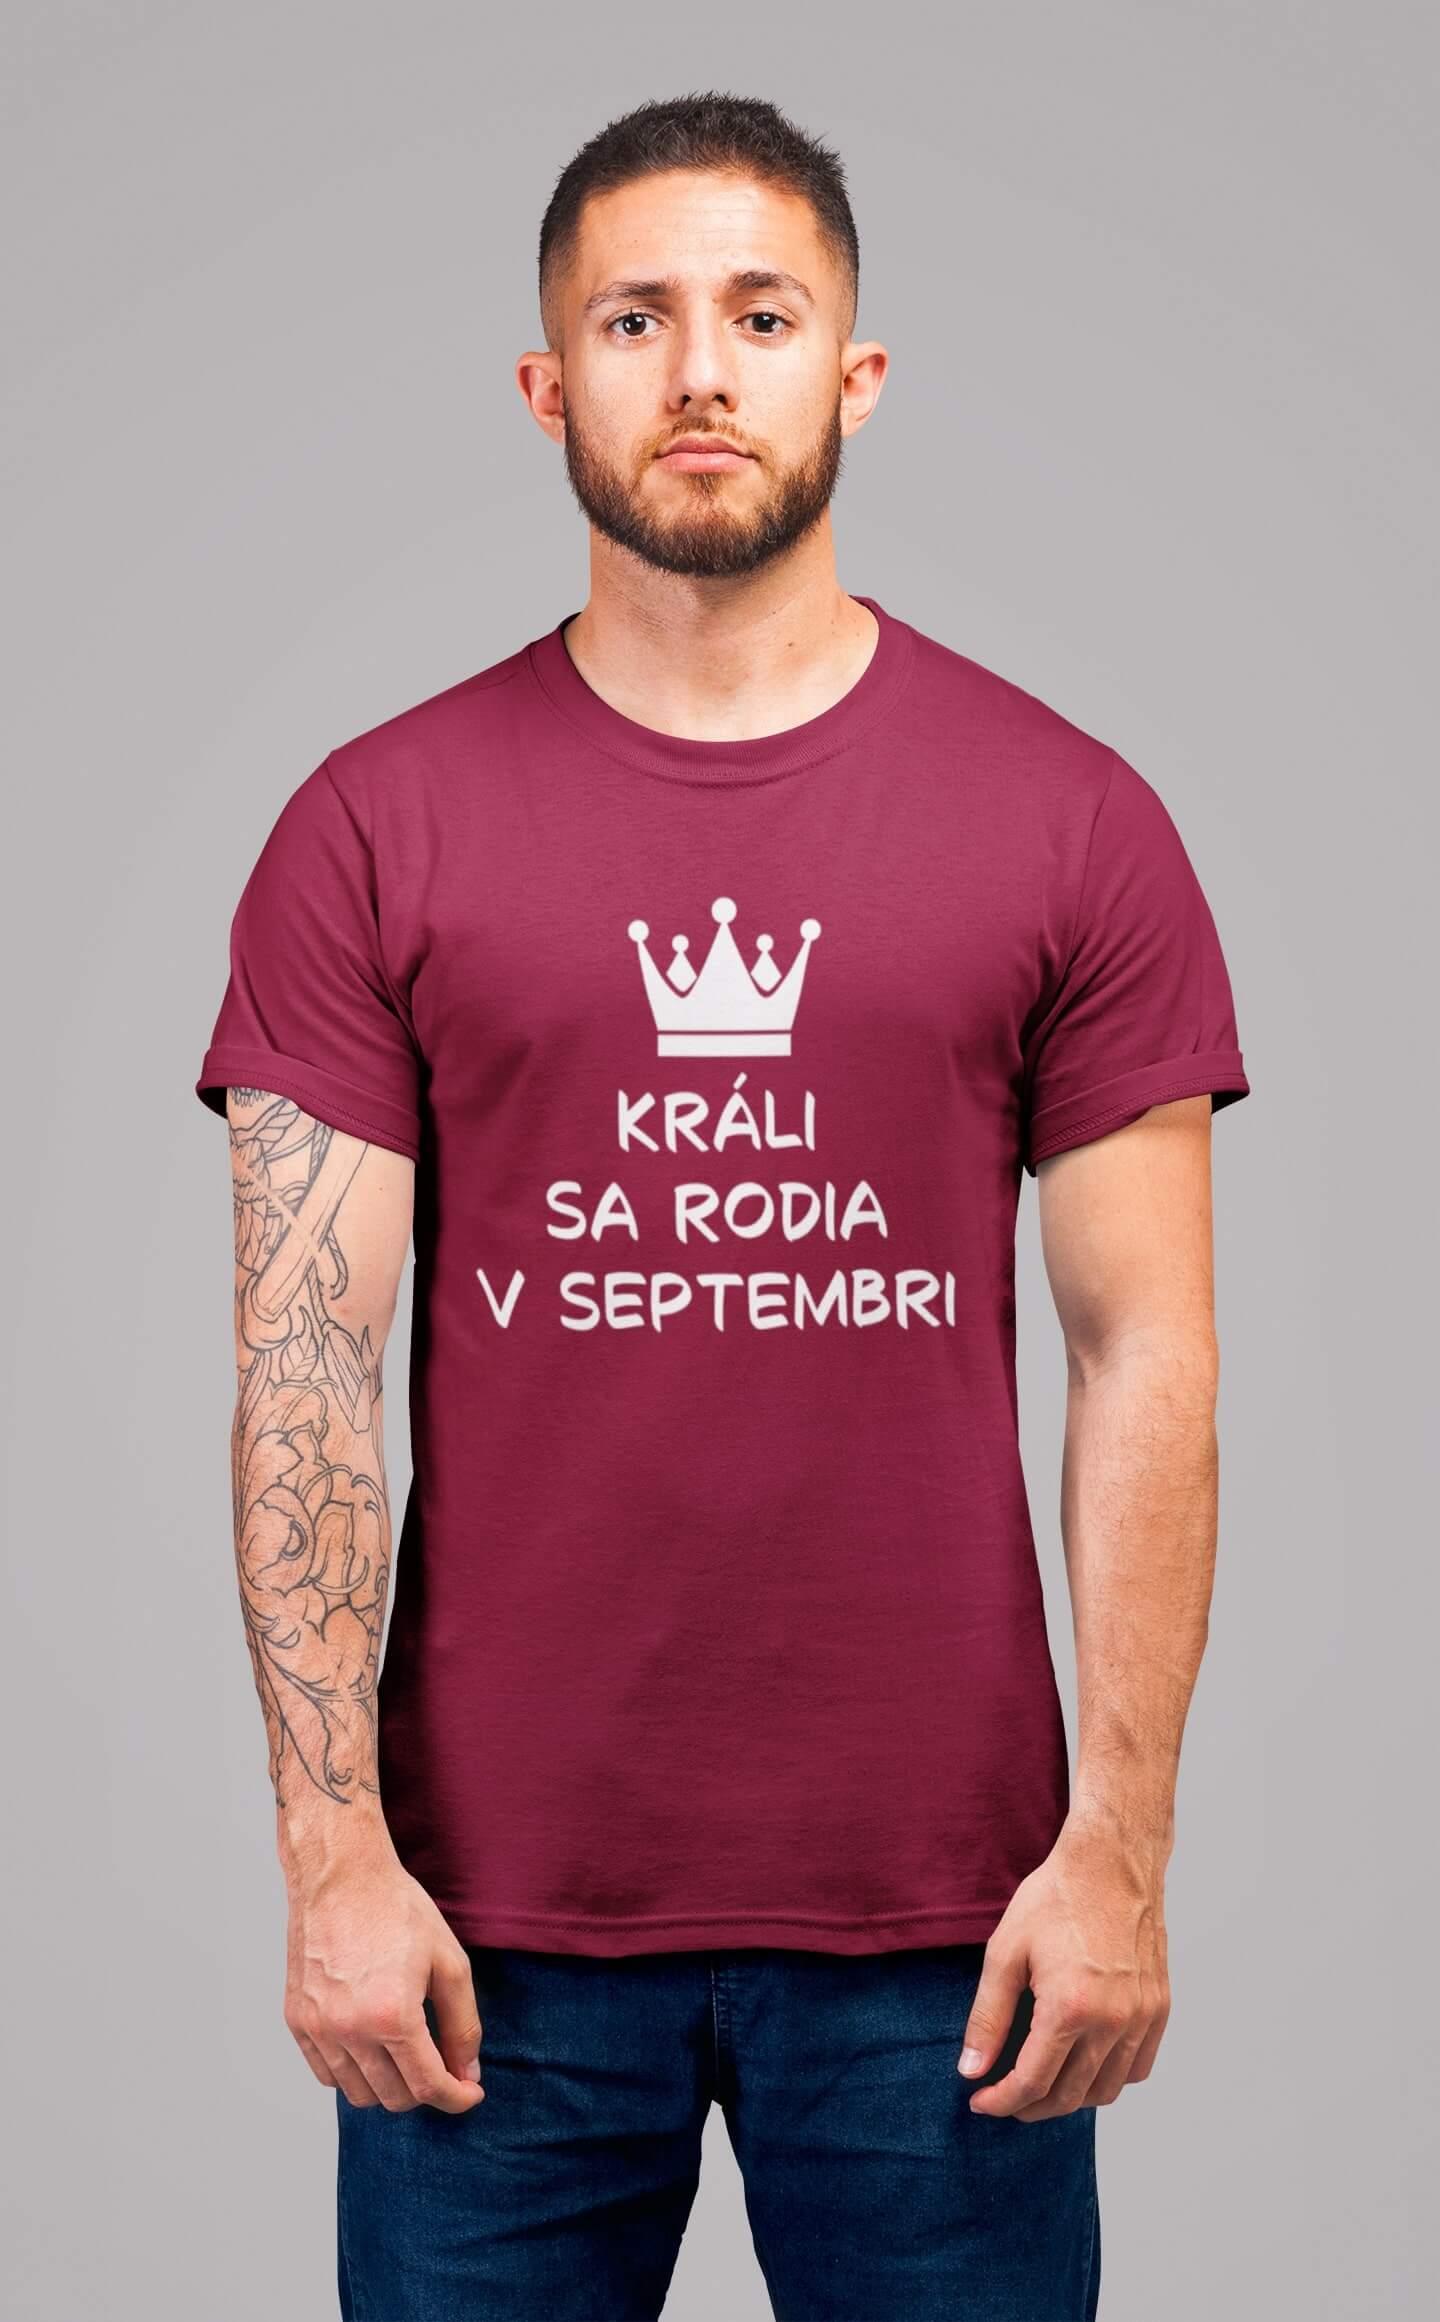 MMO Pánske tričko Králi sa rodia v septembri Vyberte farbu: Marlboro červená, Vyberte veľkosť: M